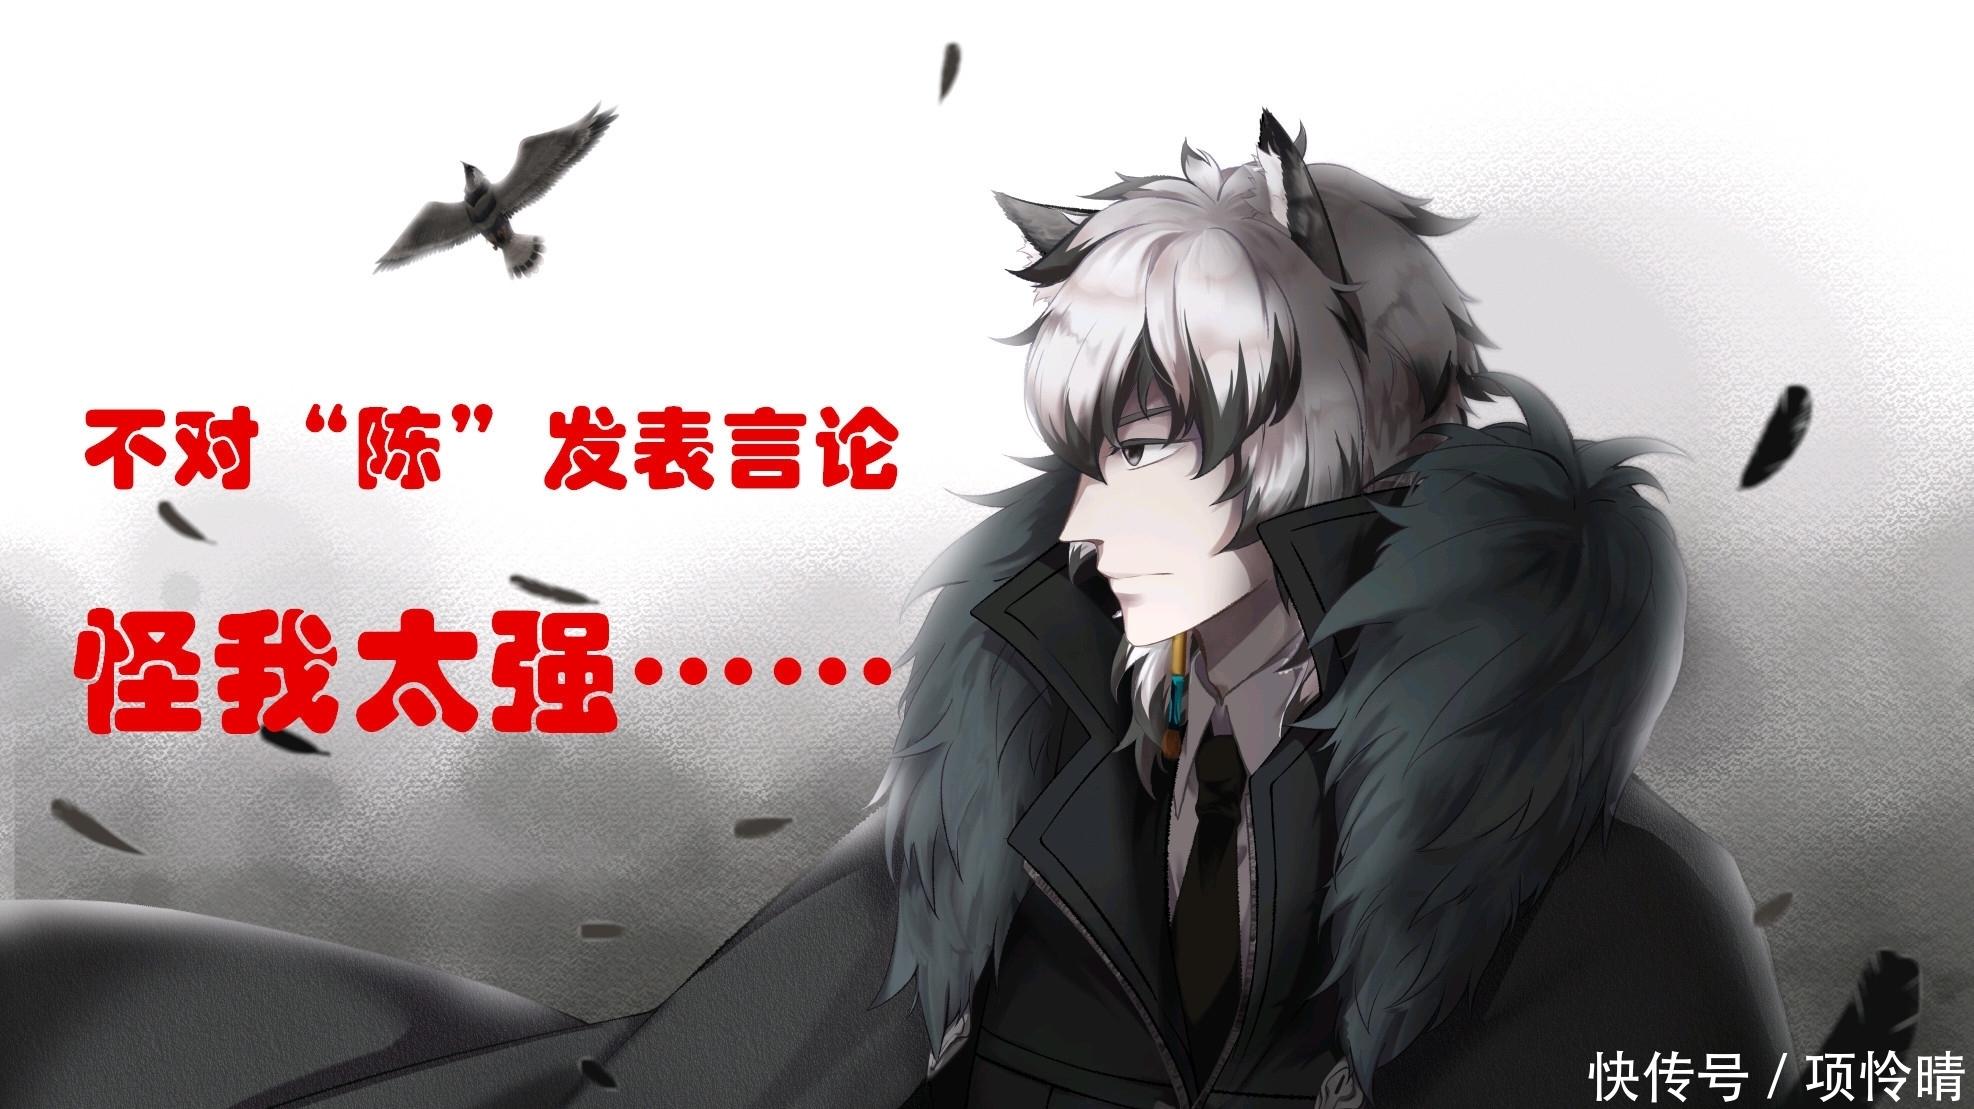 """明日方舟""""陈""""强势玩家吐槽问题很大!""""银灰""""作为老大应躺枪"""